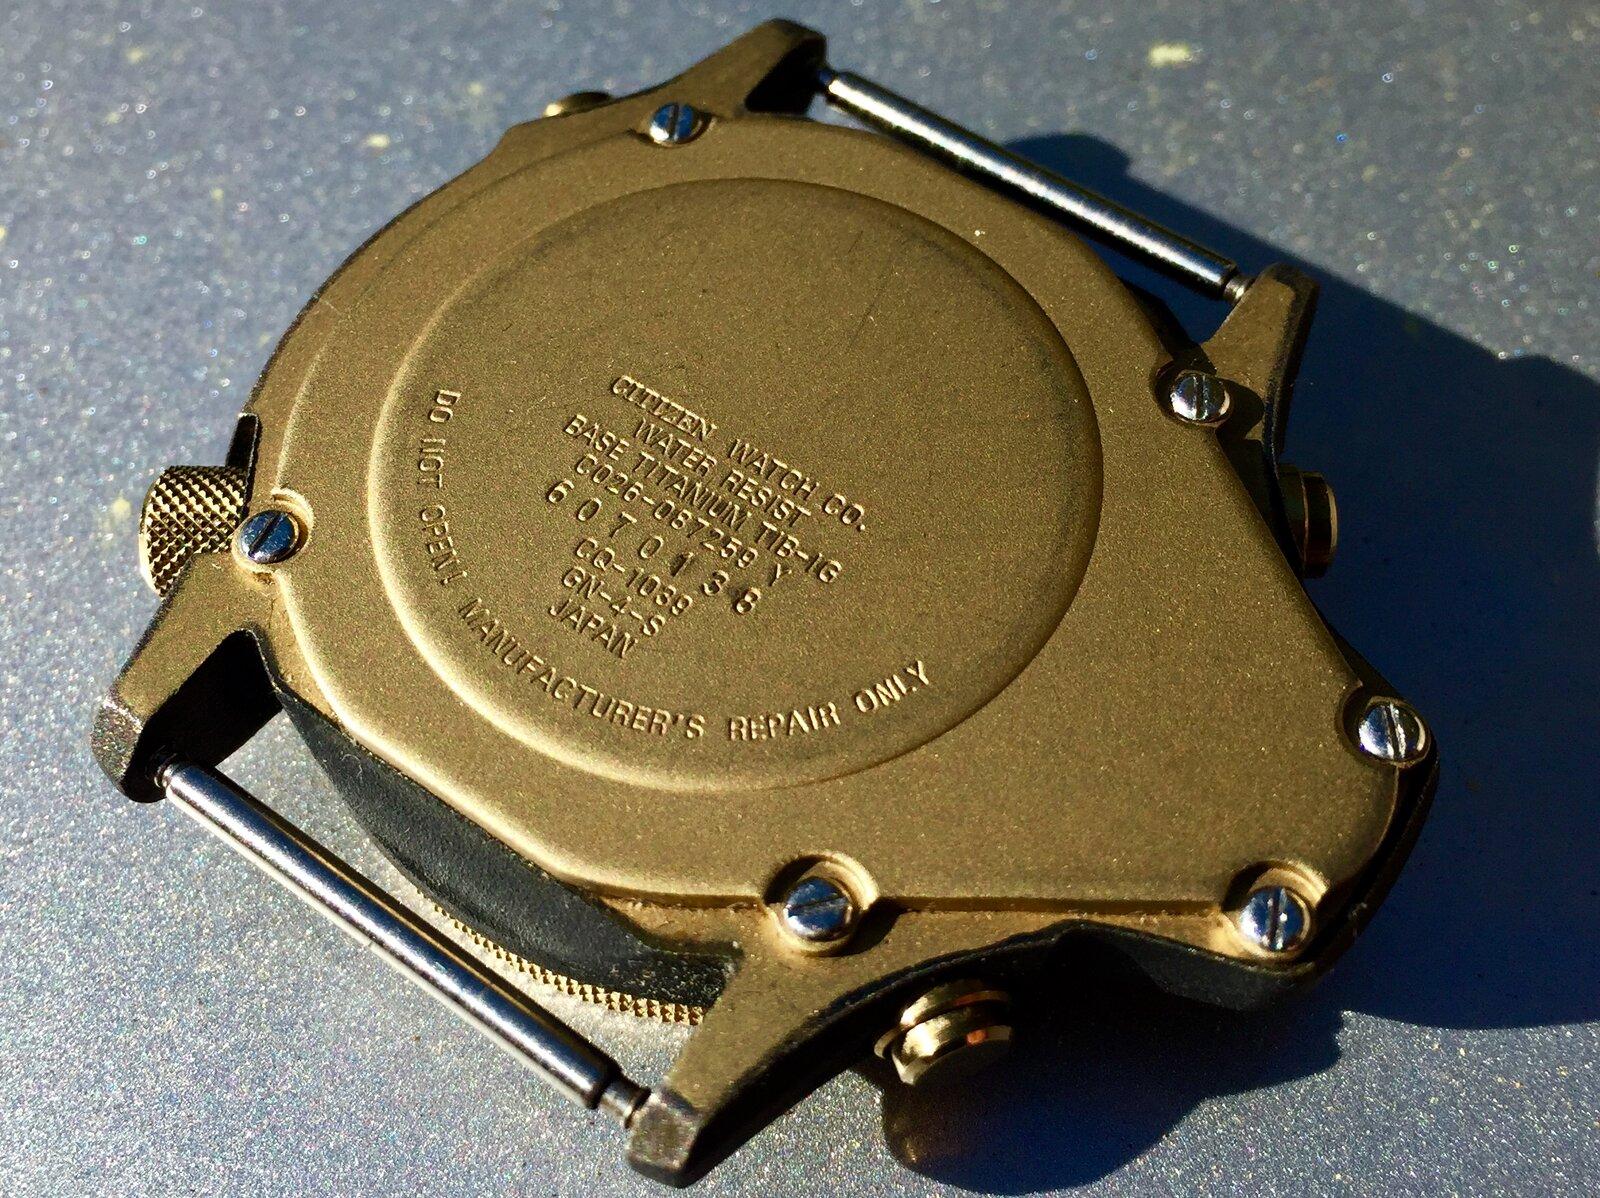 CDC54E51-872F-4EDB-AC3D-D851EFDCBFB1.